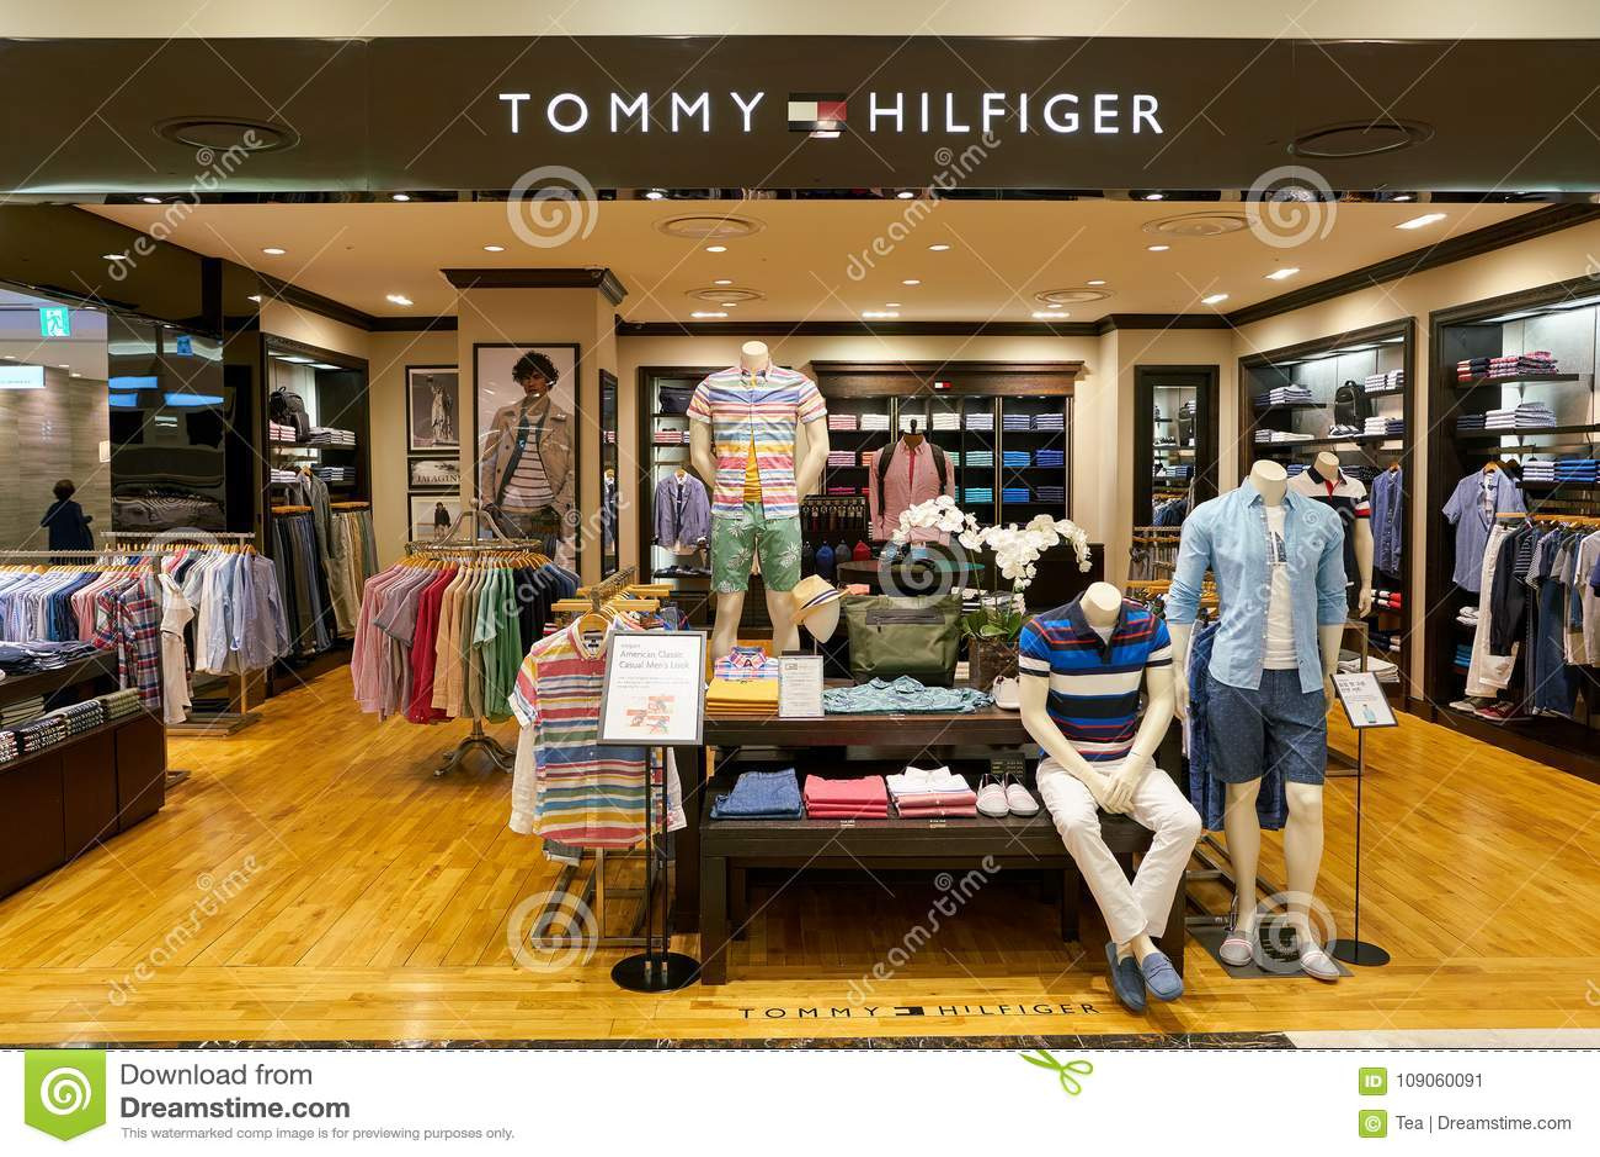 07d3a933b467 Магазин Tommy Hilfiger стоковое изображение. изображение ...